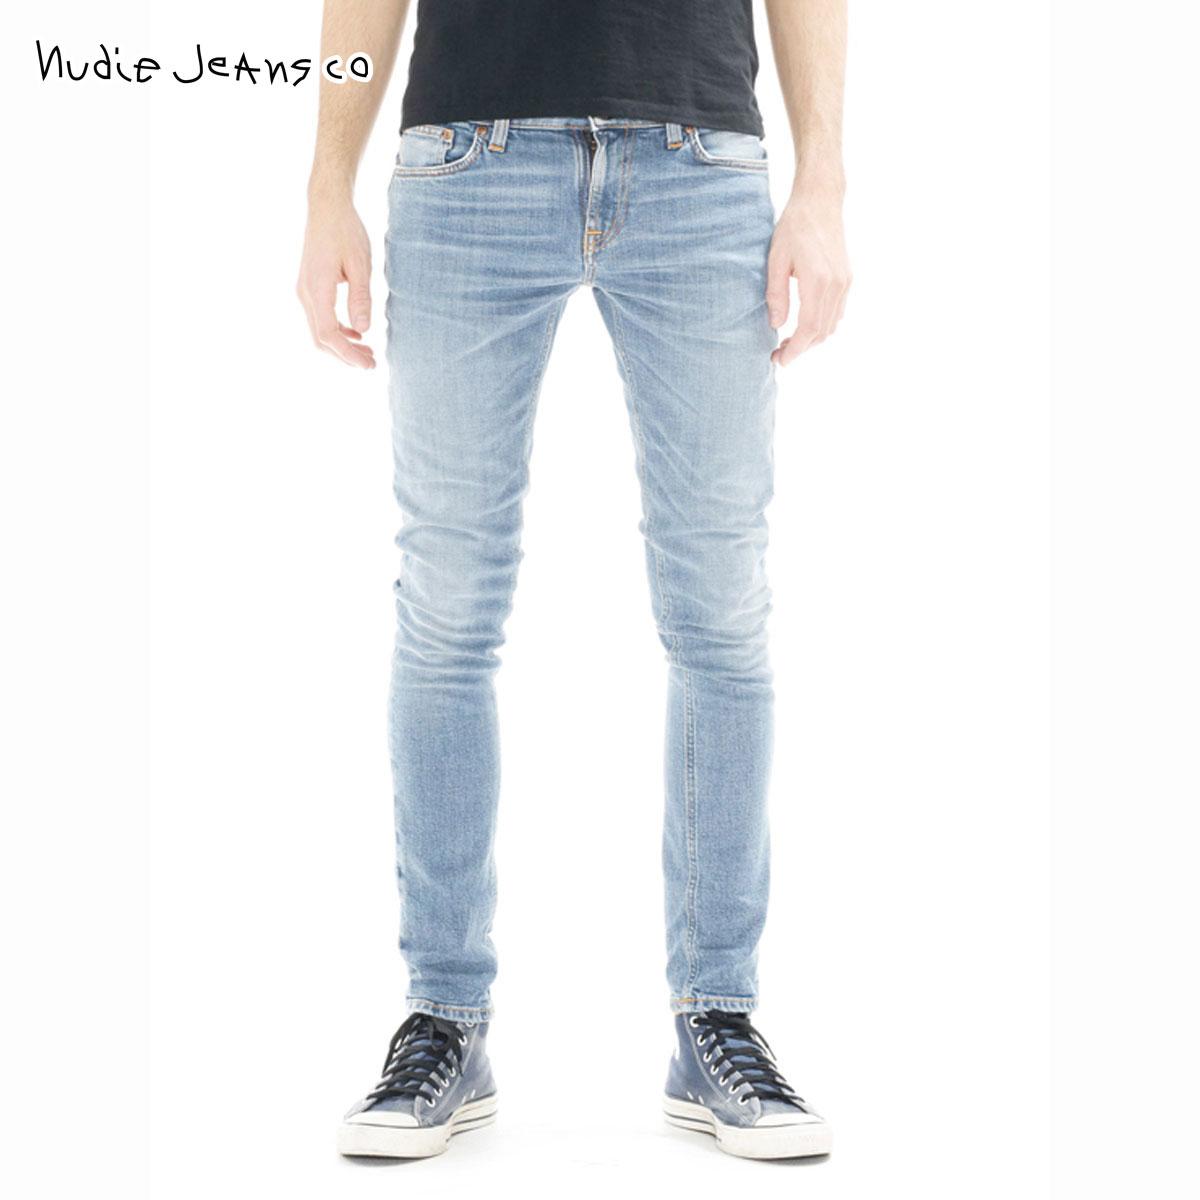 ヌーディージーンズ Nudie Jeans 正規販売店 メンズ ジーンズ SKINNY LIN FRESH BREEZE 735 1123970